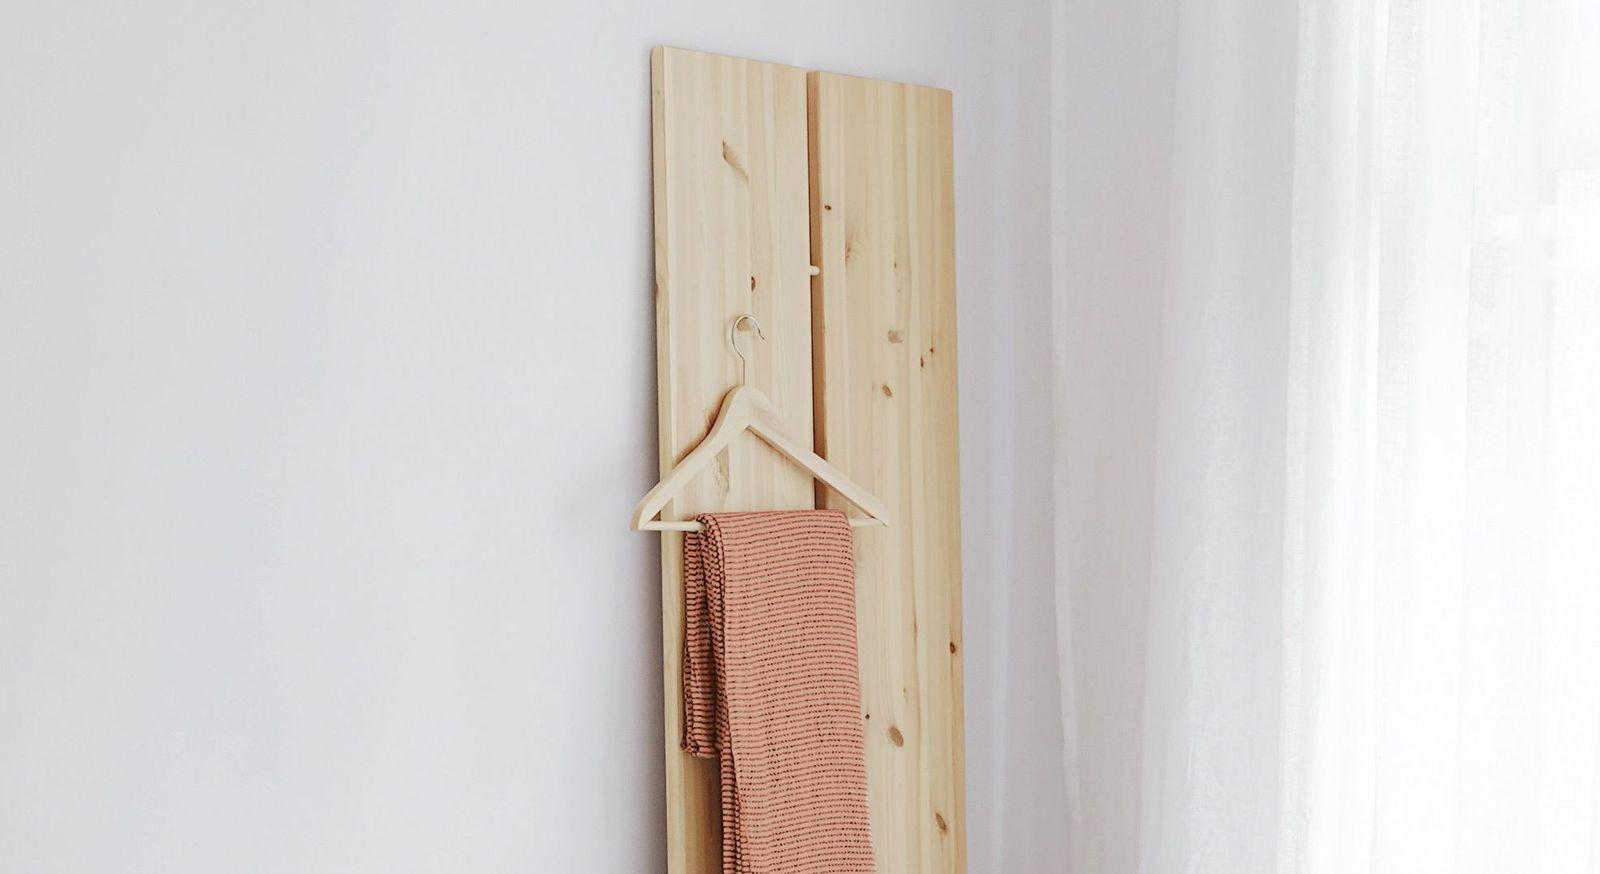 Tagesbett Capena als Garderobe verwendbar